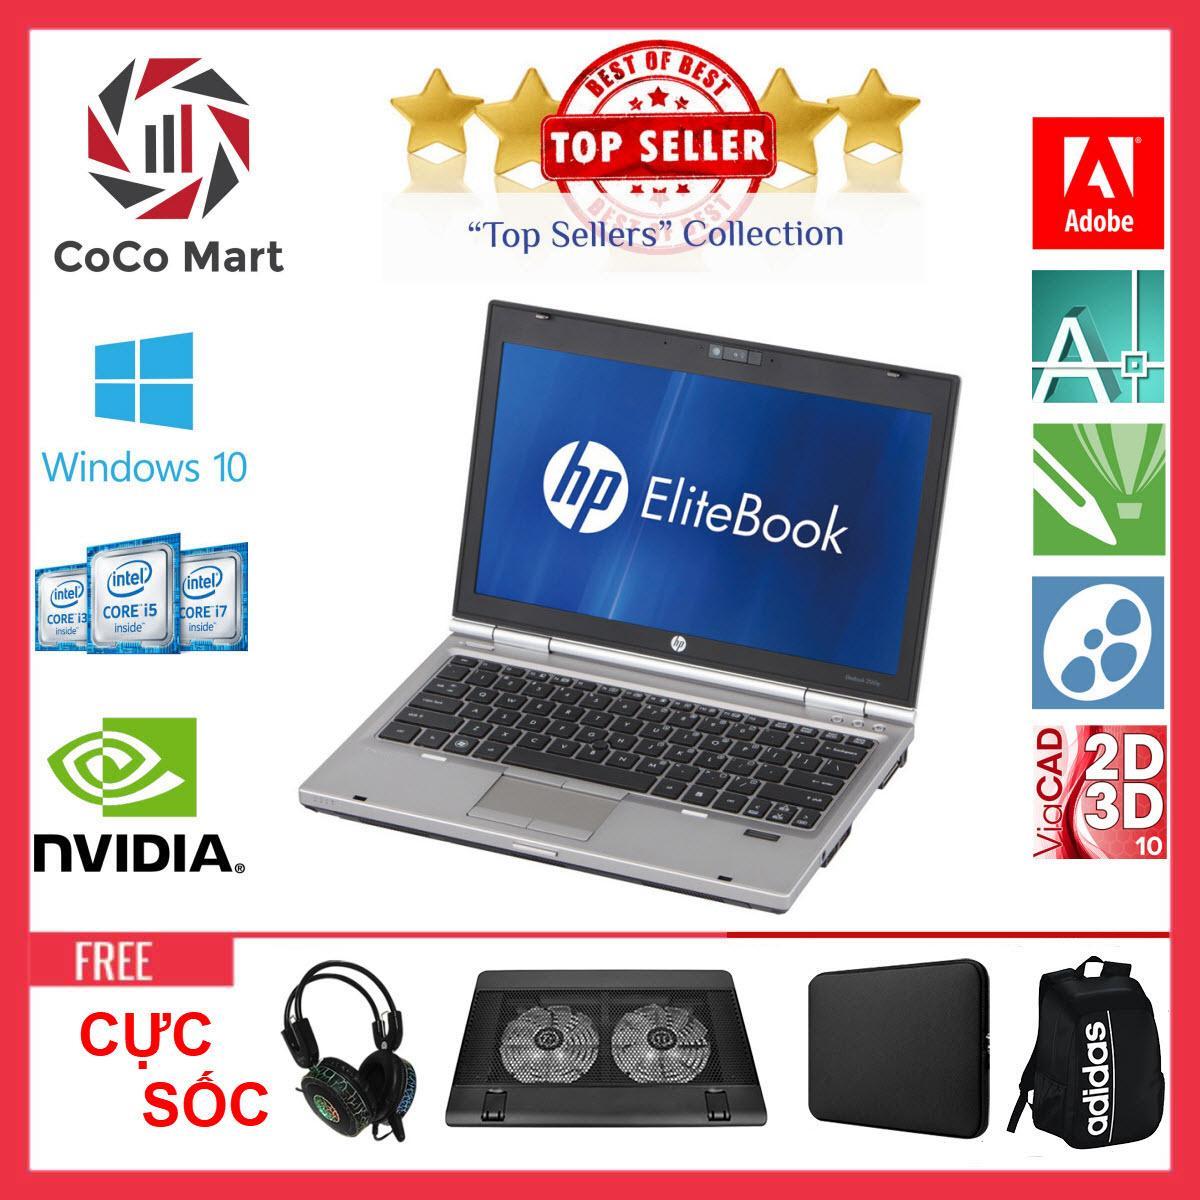 Laptop HP EliteBook 2560p Chạy CPU i5-2520M, 12.5inch, 4GB, HDD 500GB + Bộ Quà Tặng - Hàng Nhập Khẩu